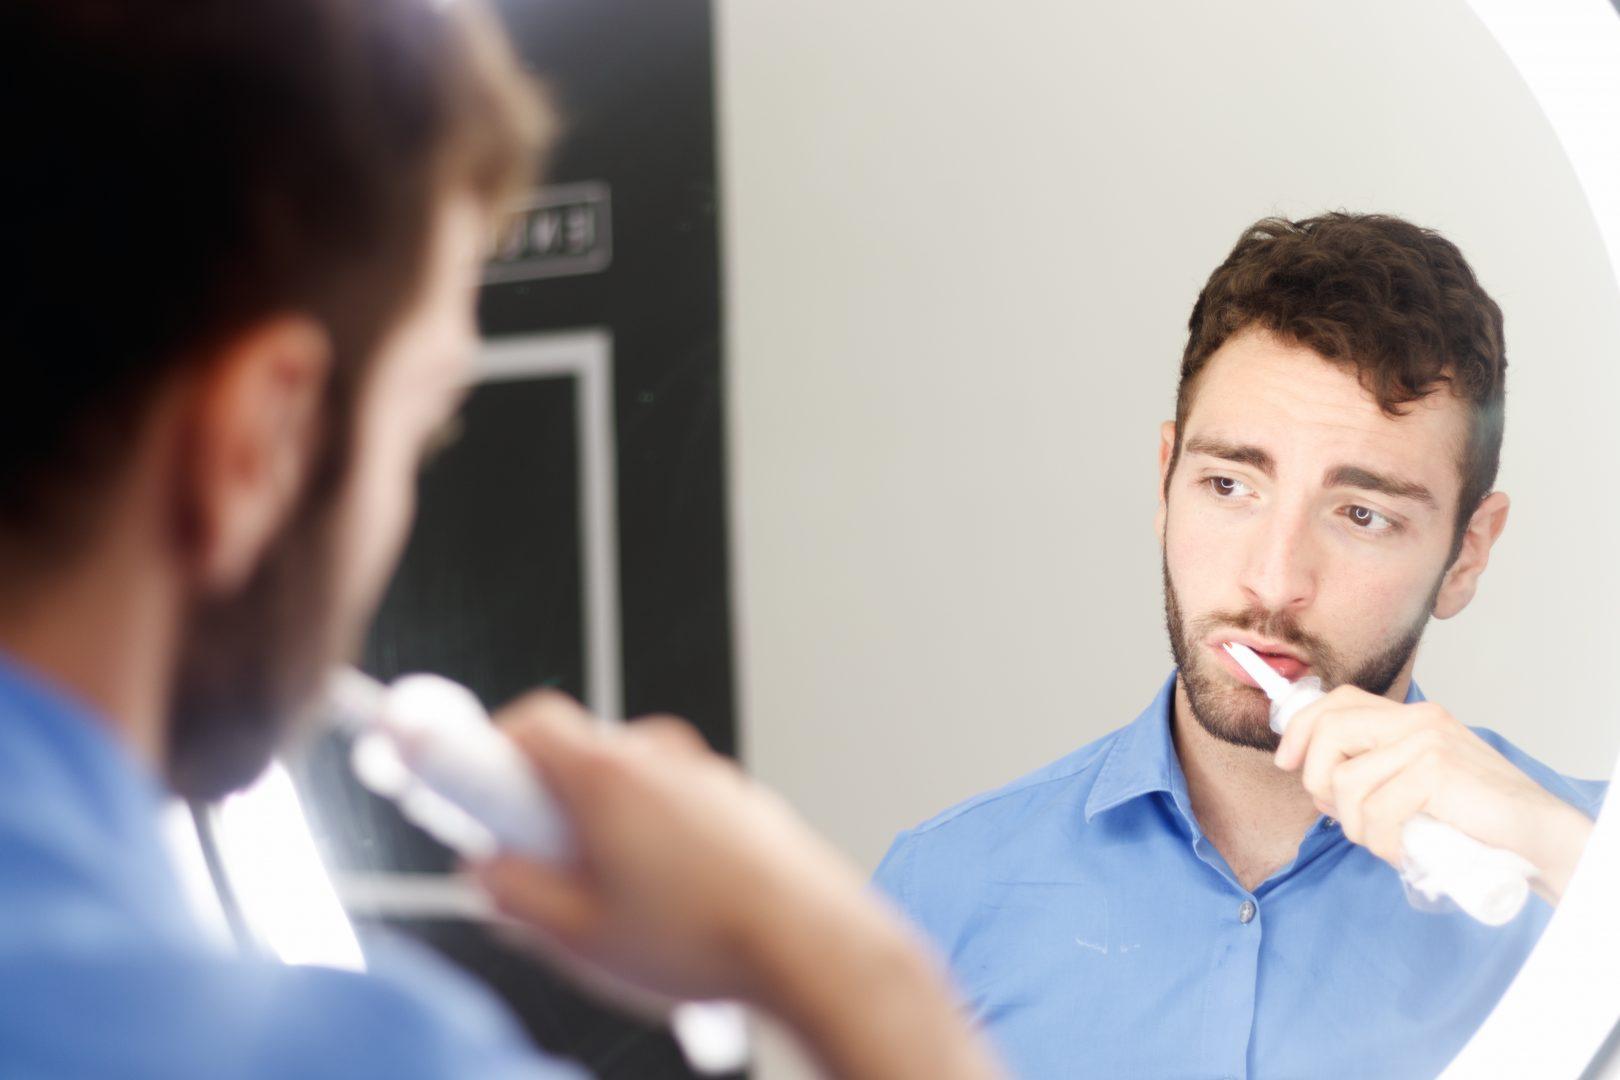 Chico lavándose los dientes frente al espejo